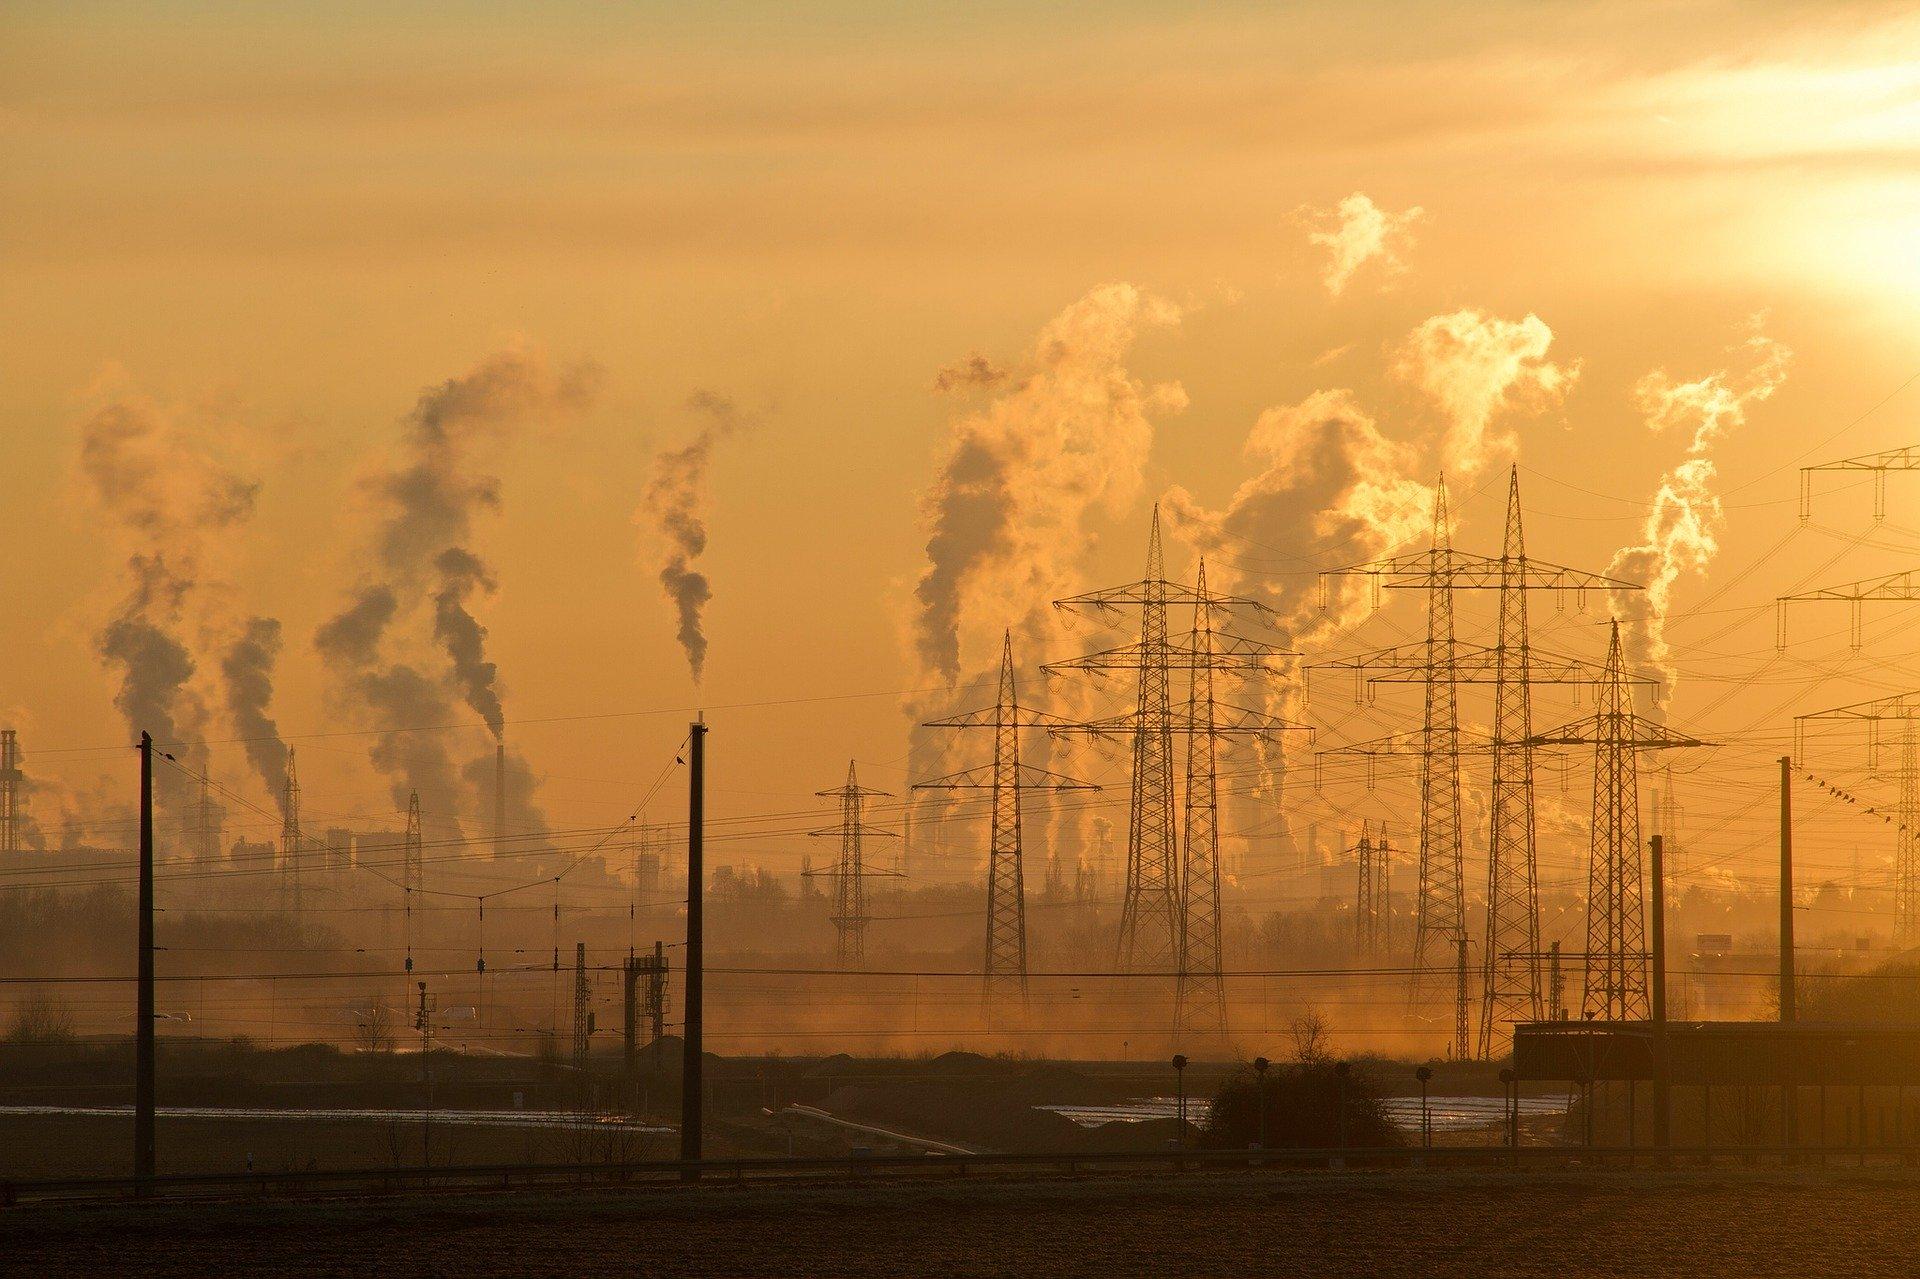 Narrativas y normativas homologadas, claves para afrontar la problemática ambiental metropolitana.